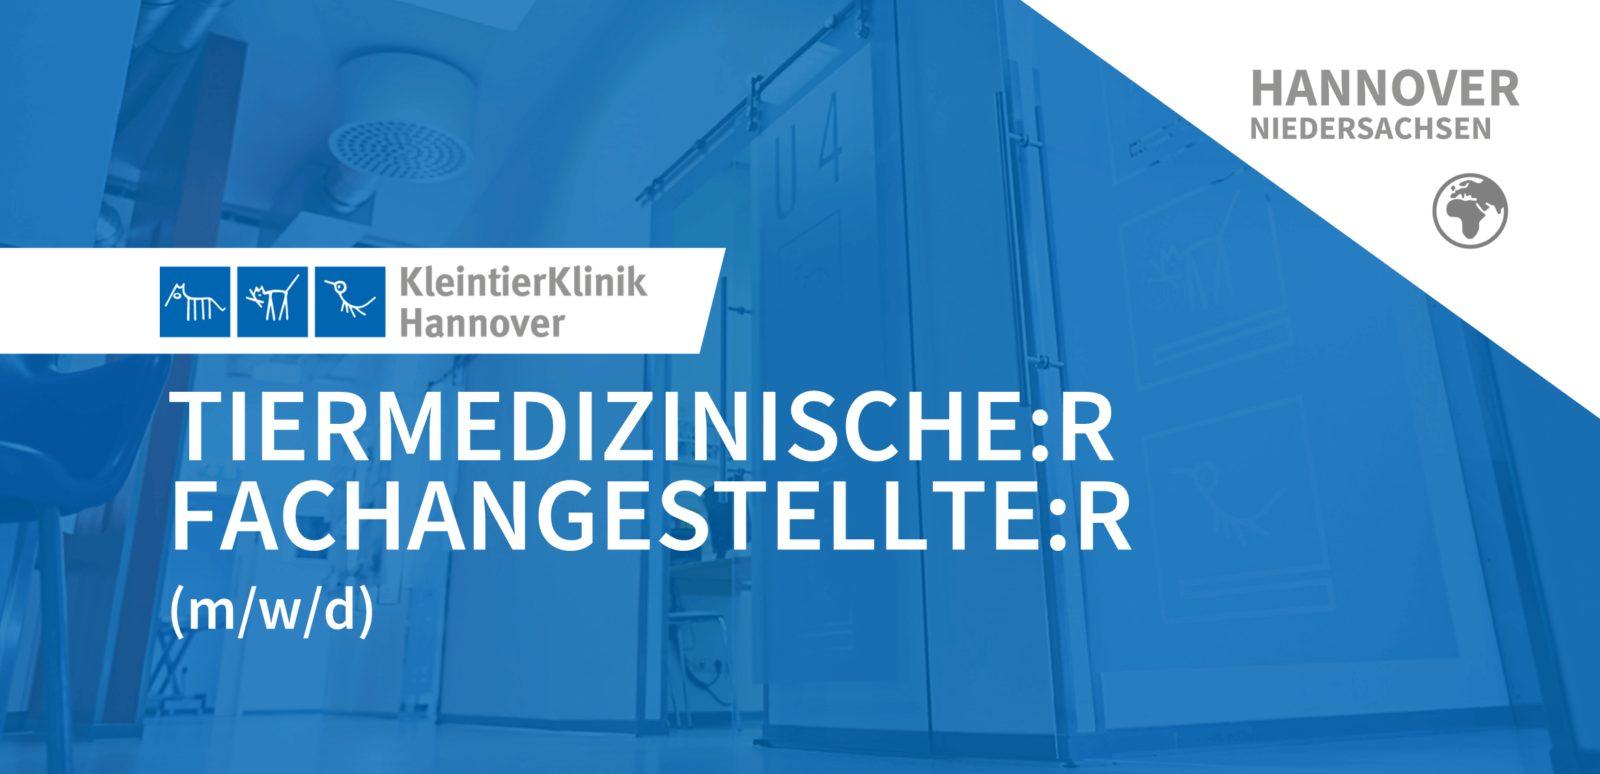 KleintierKlinik Hannover - TFA  Rezeptionstalent (m/w/d) in Hannover gesucht